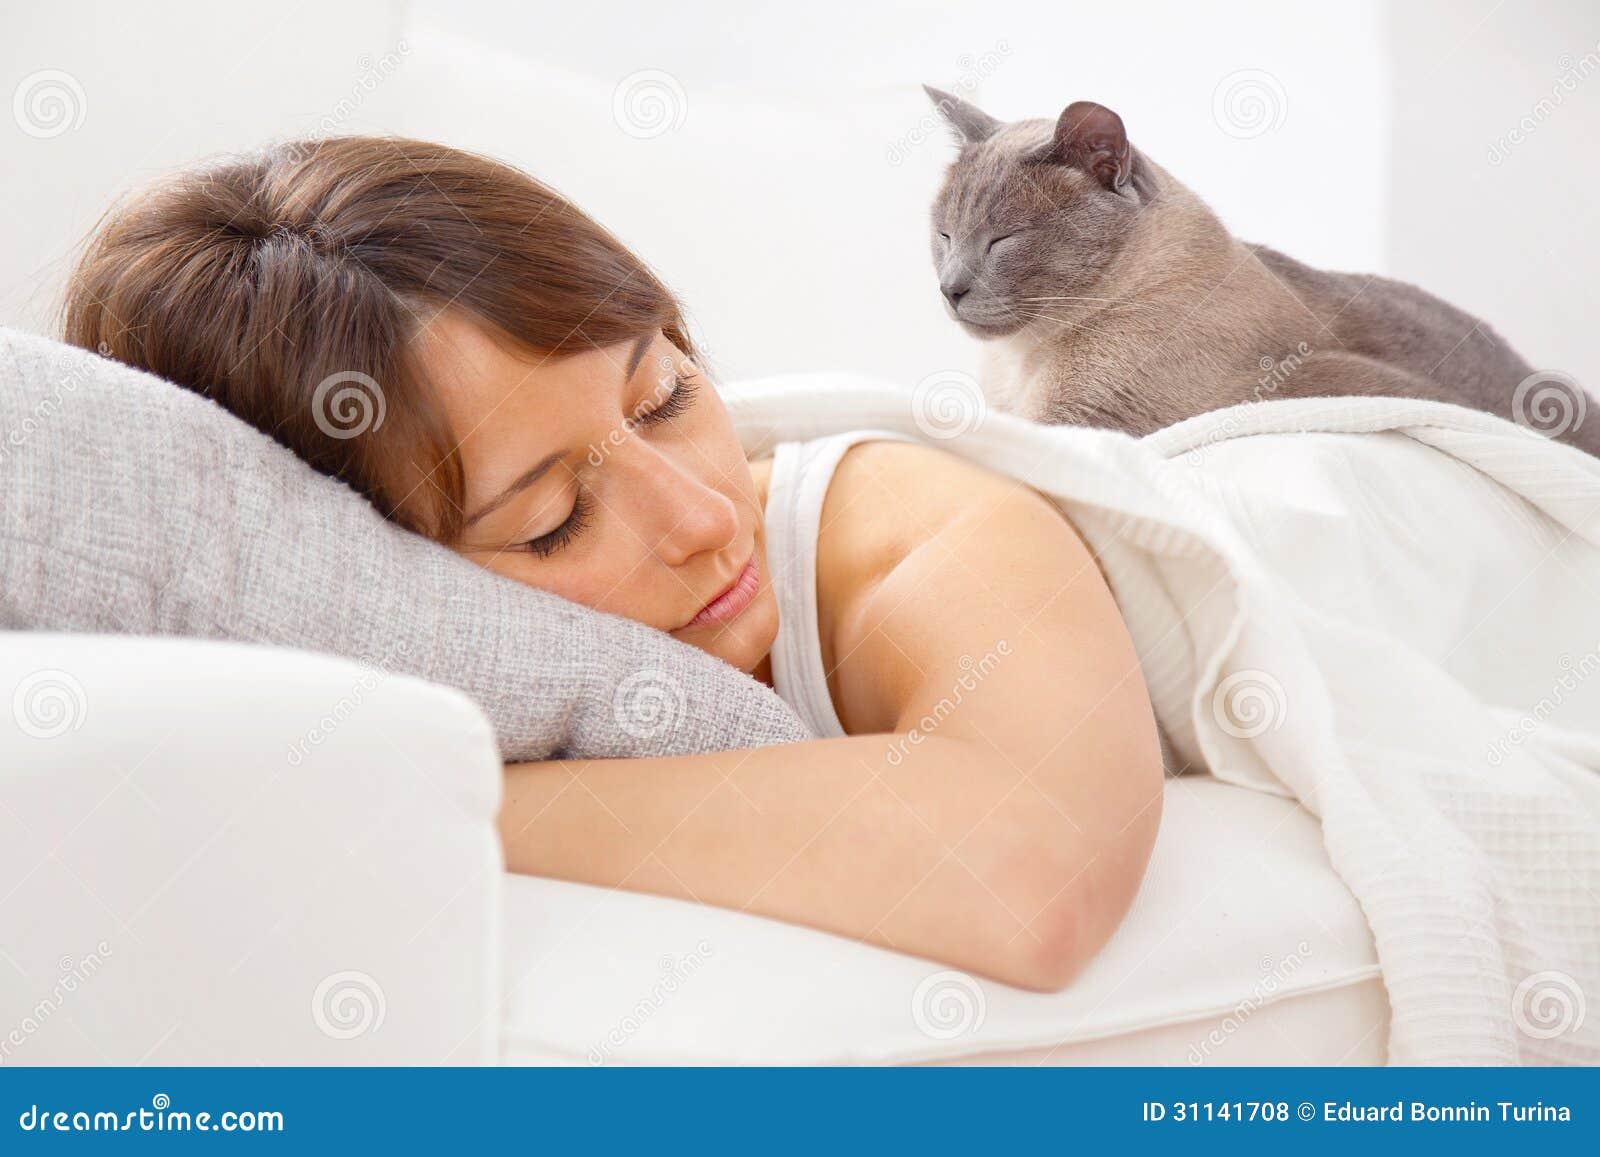 Ritratto di una giovane donna che dorme sul letto - Giochi da baciare sul letto ...